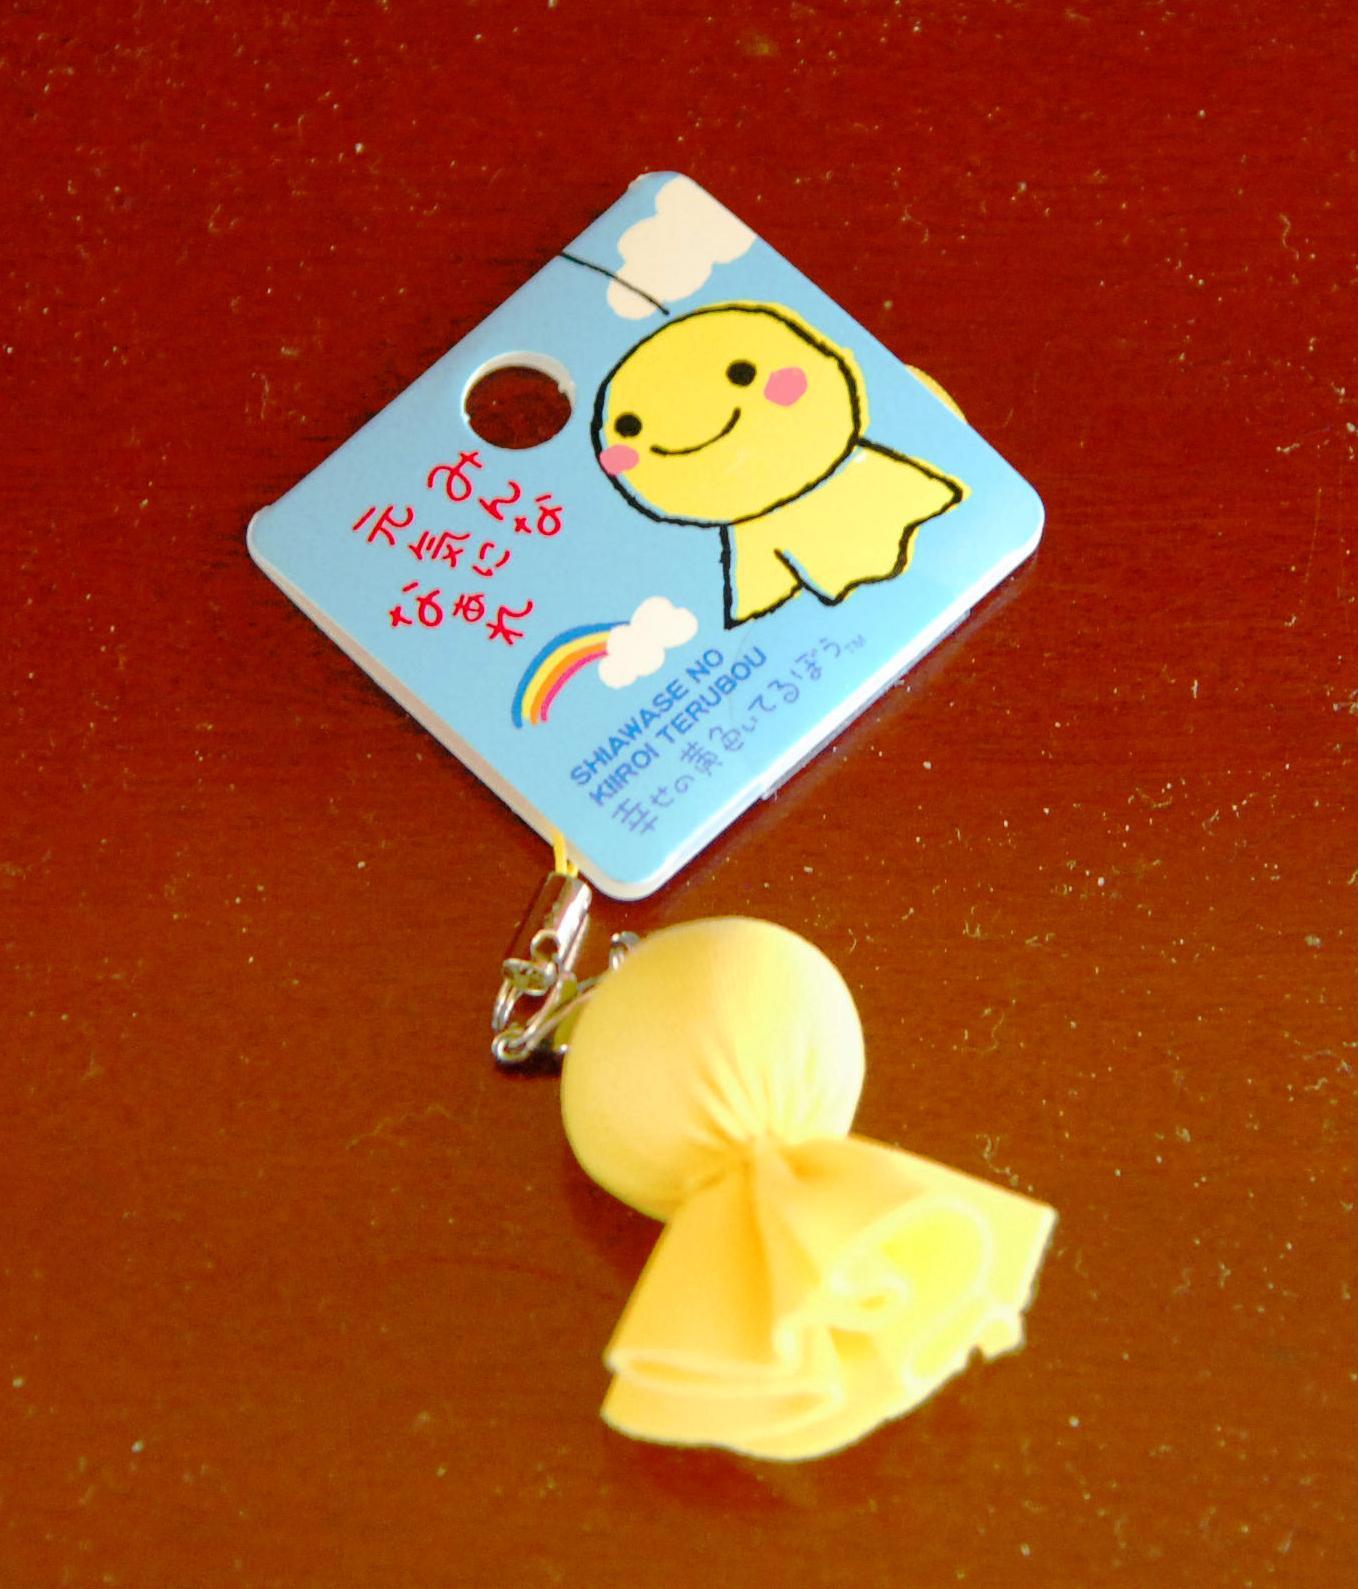 応援してます山田町「幸せの黄色いてるぼう」 _a0103650_1963323.jpg